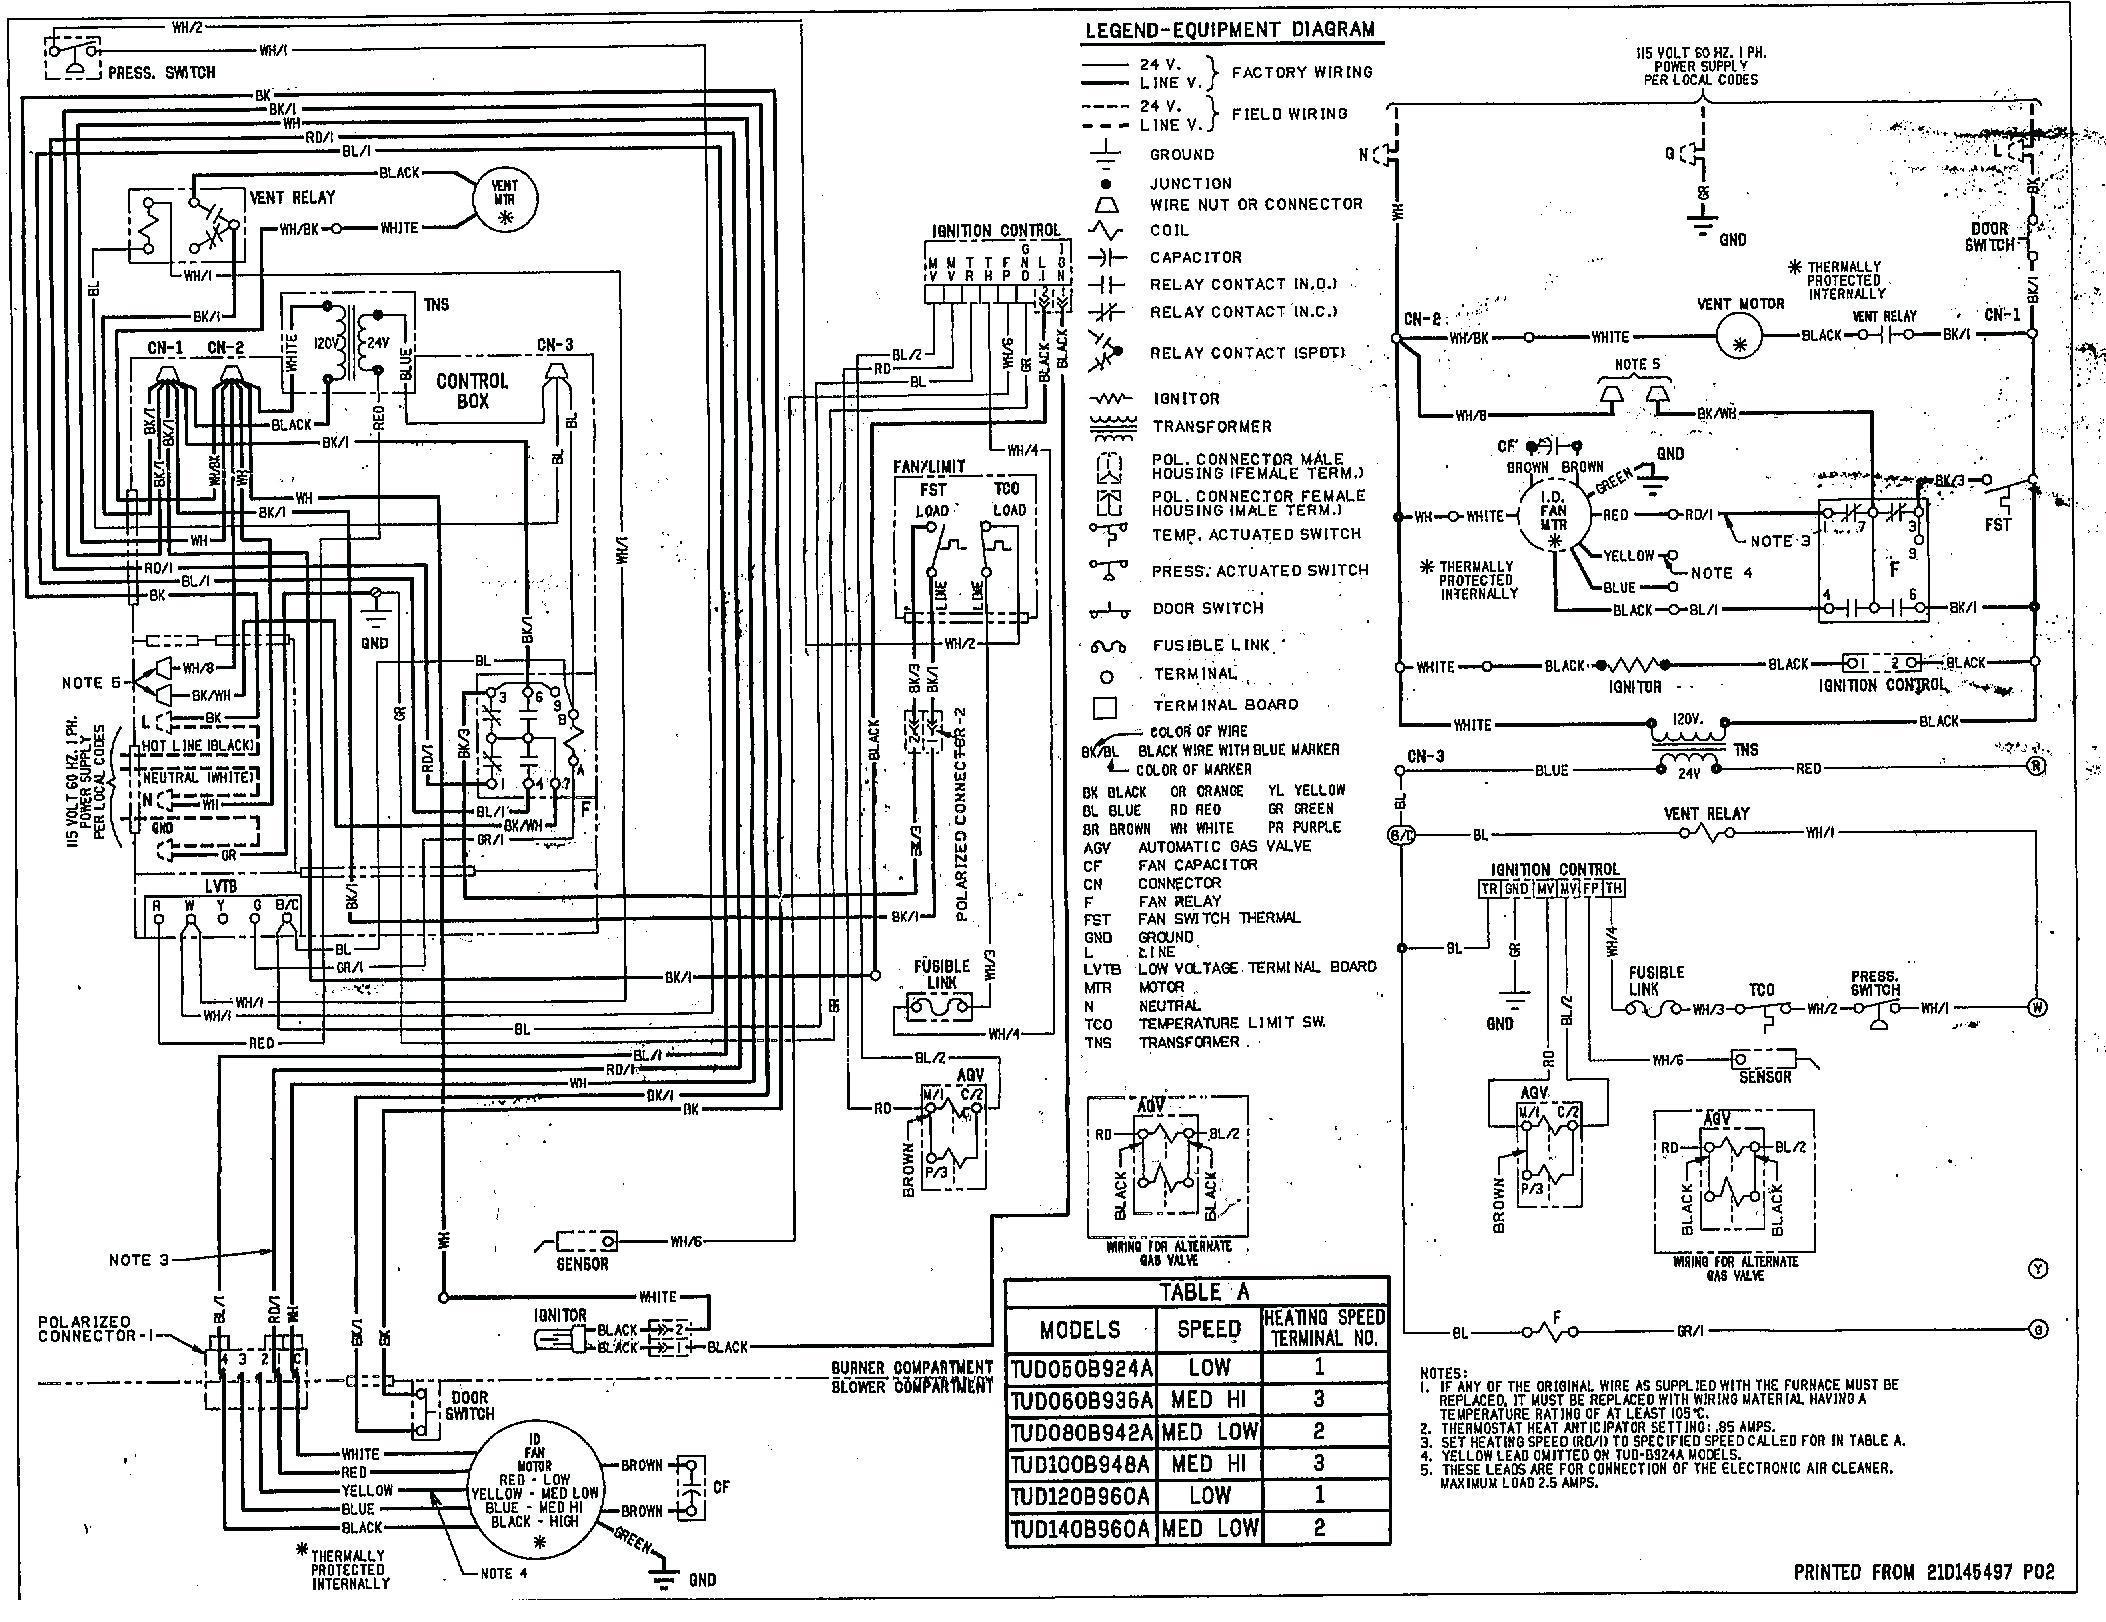 Gas Furnace Control Board Wiring Diagram